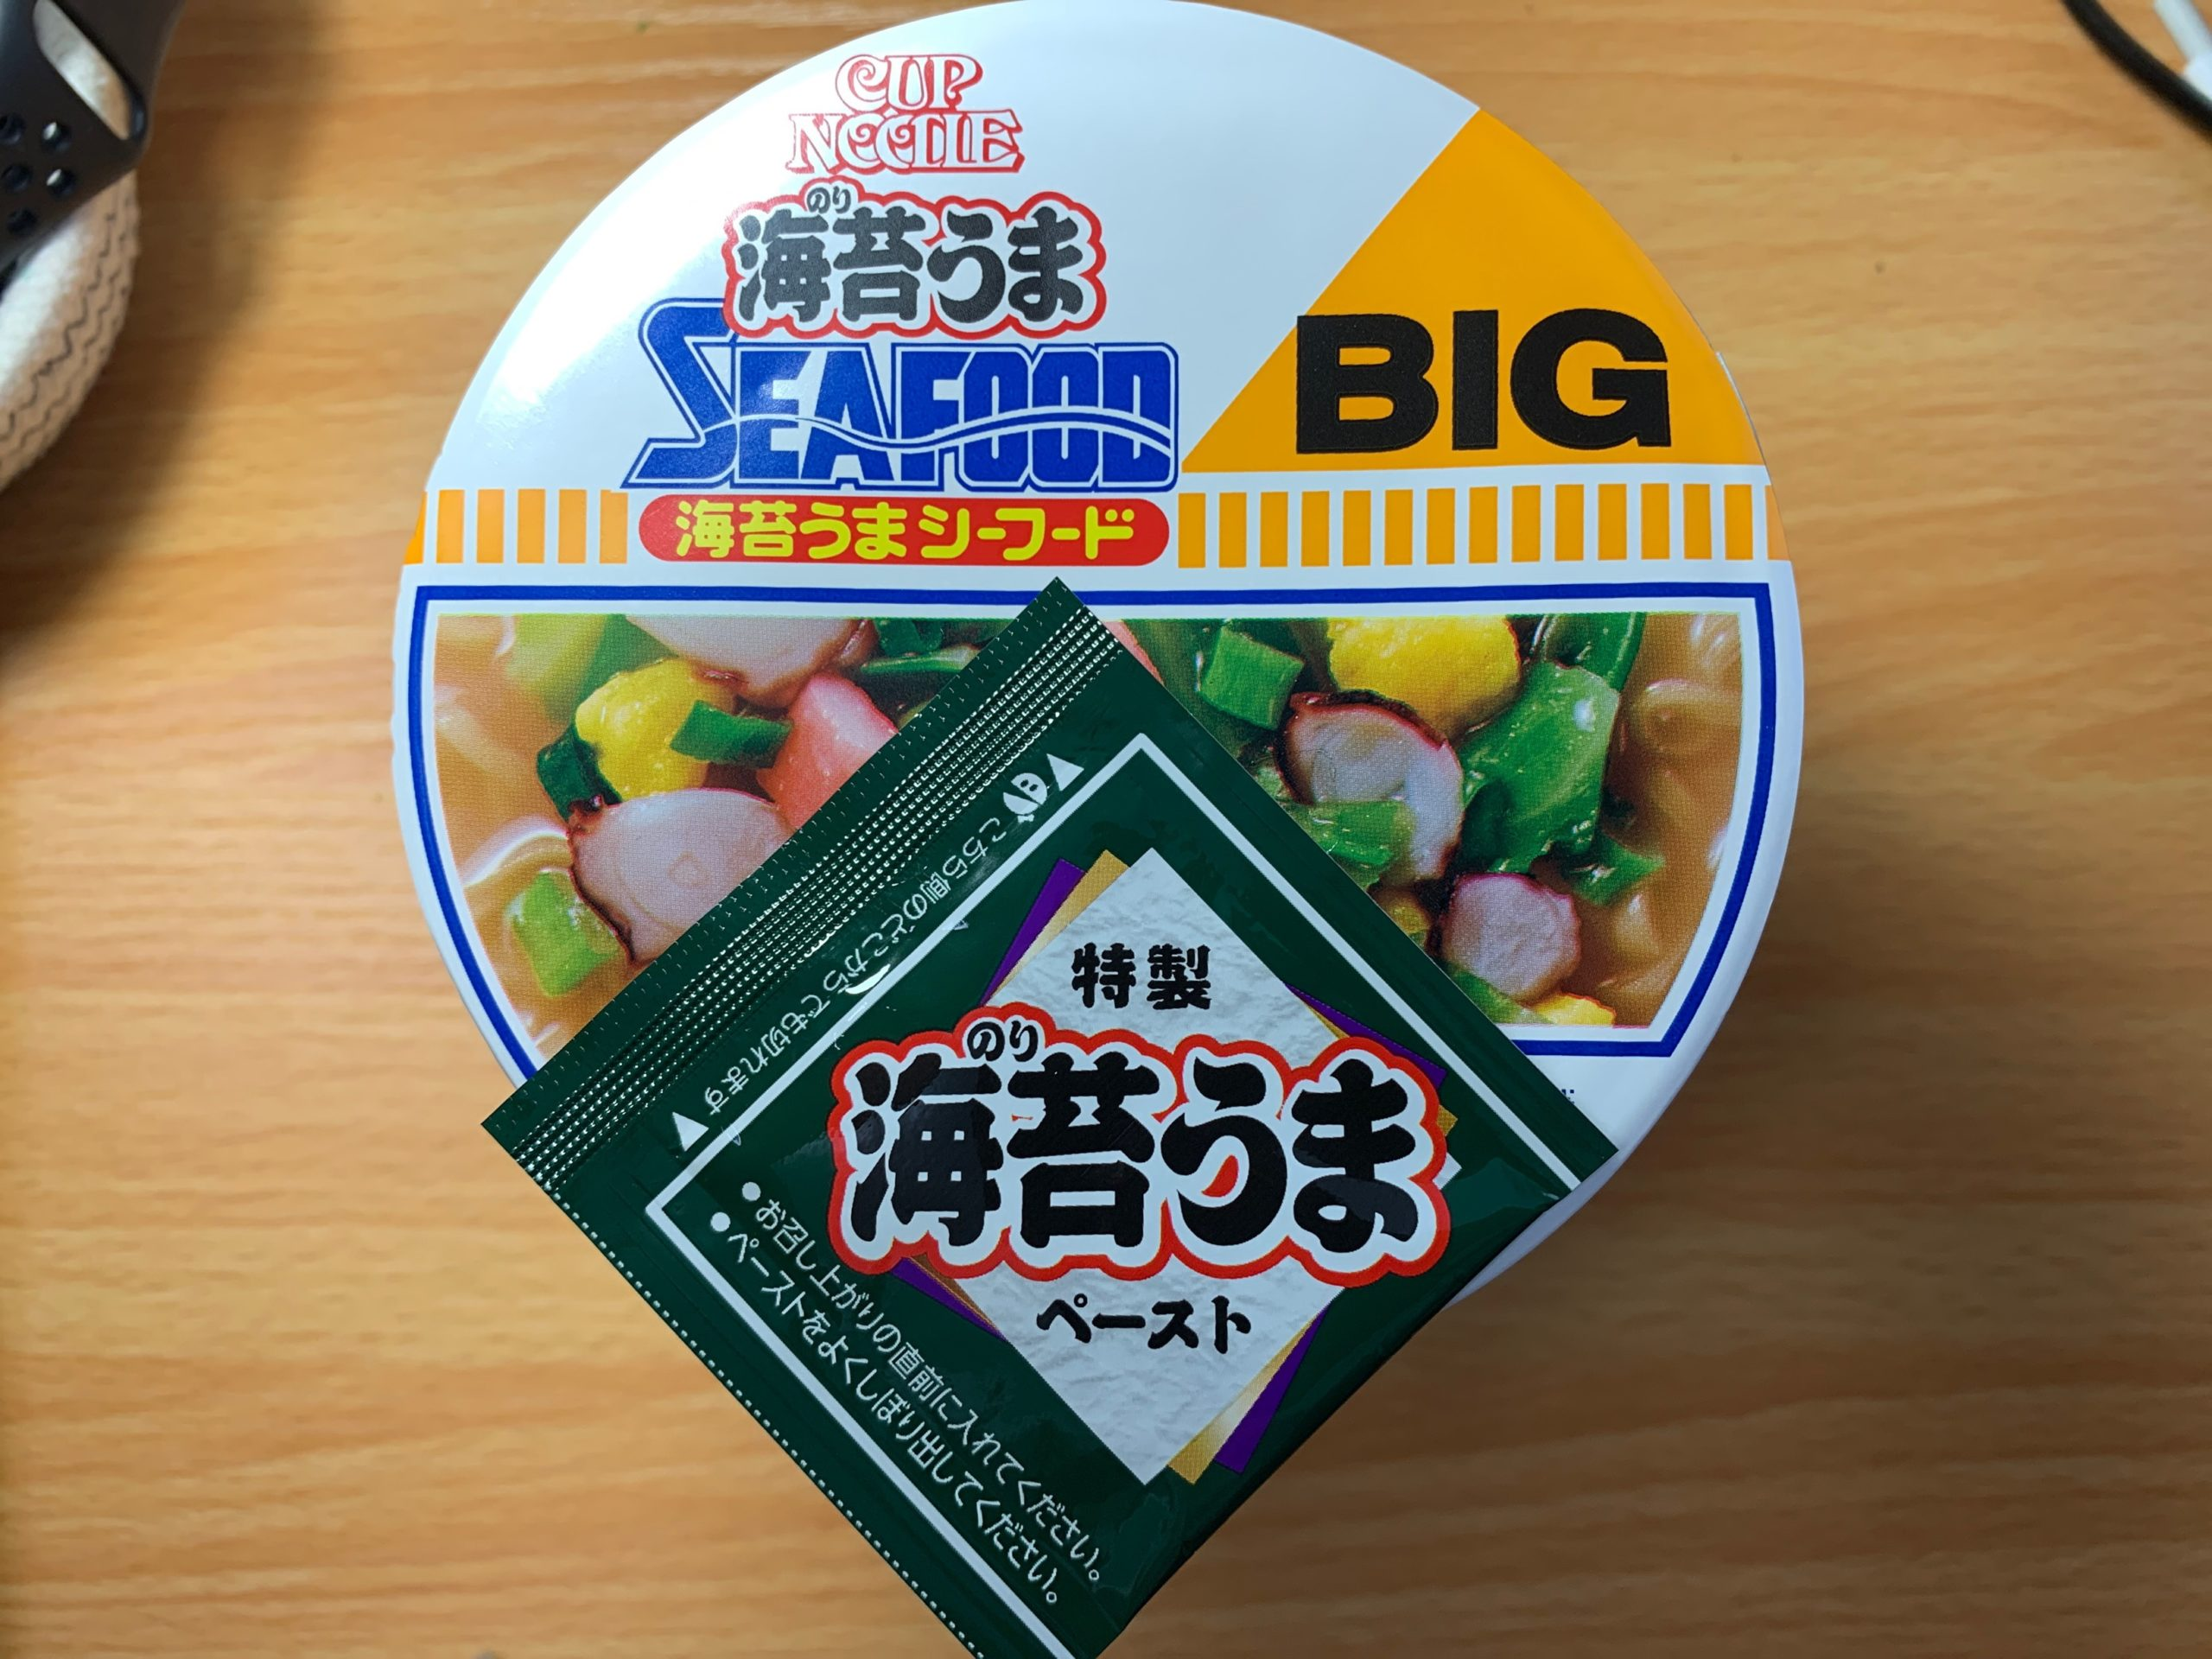 カップヌードルBIG海苔うまシーフードの調味料